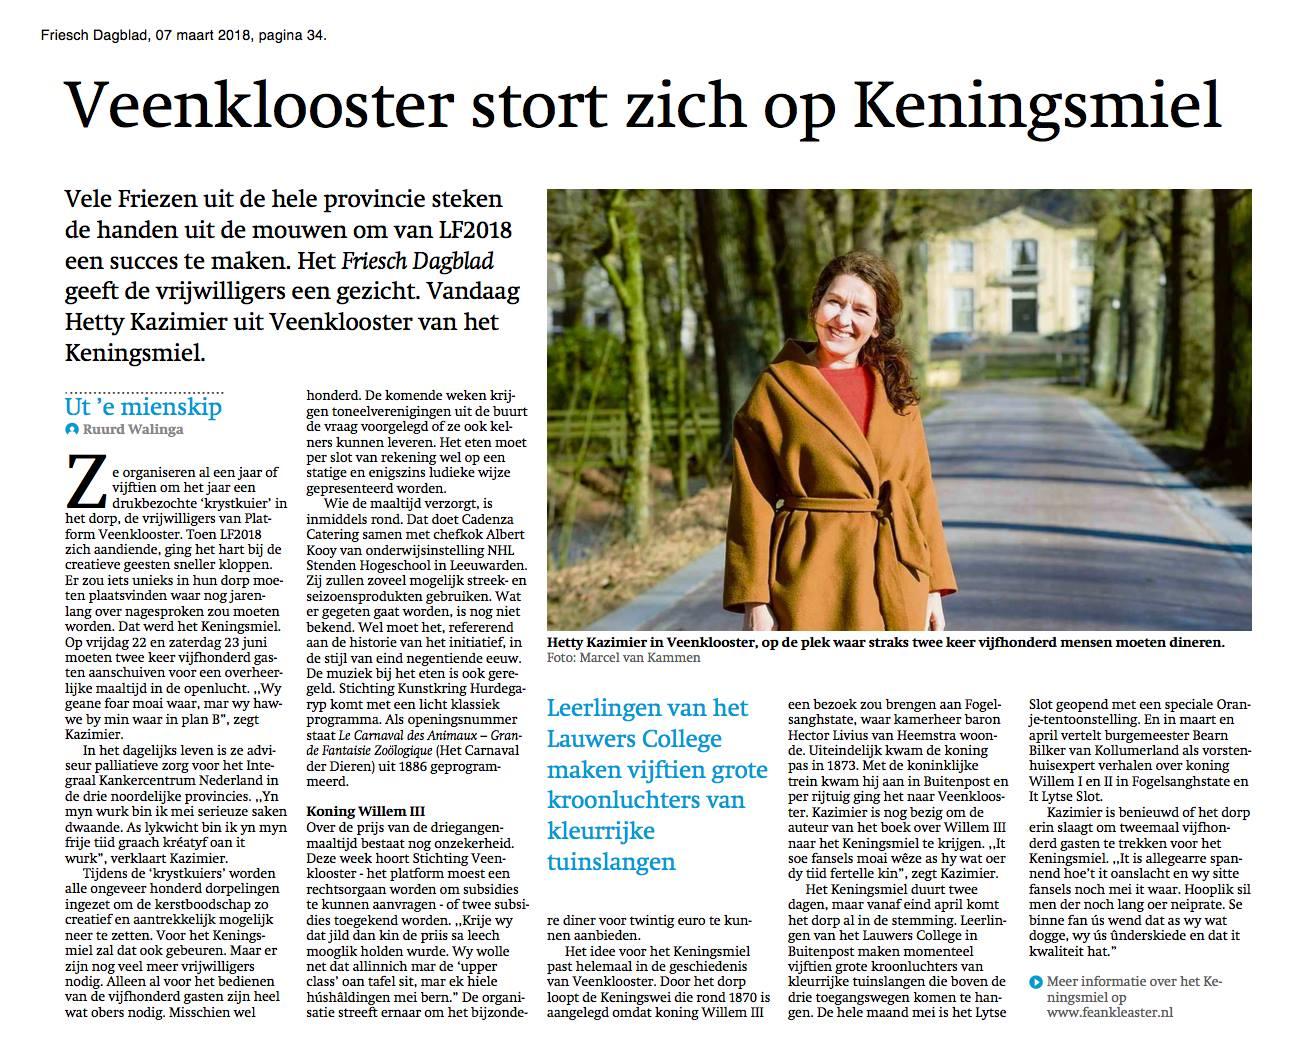 Friesch Dagblad: Veenklooster stort zich op Keningsmiel